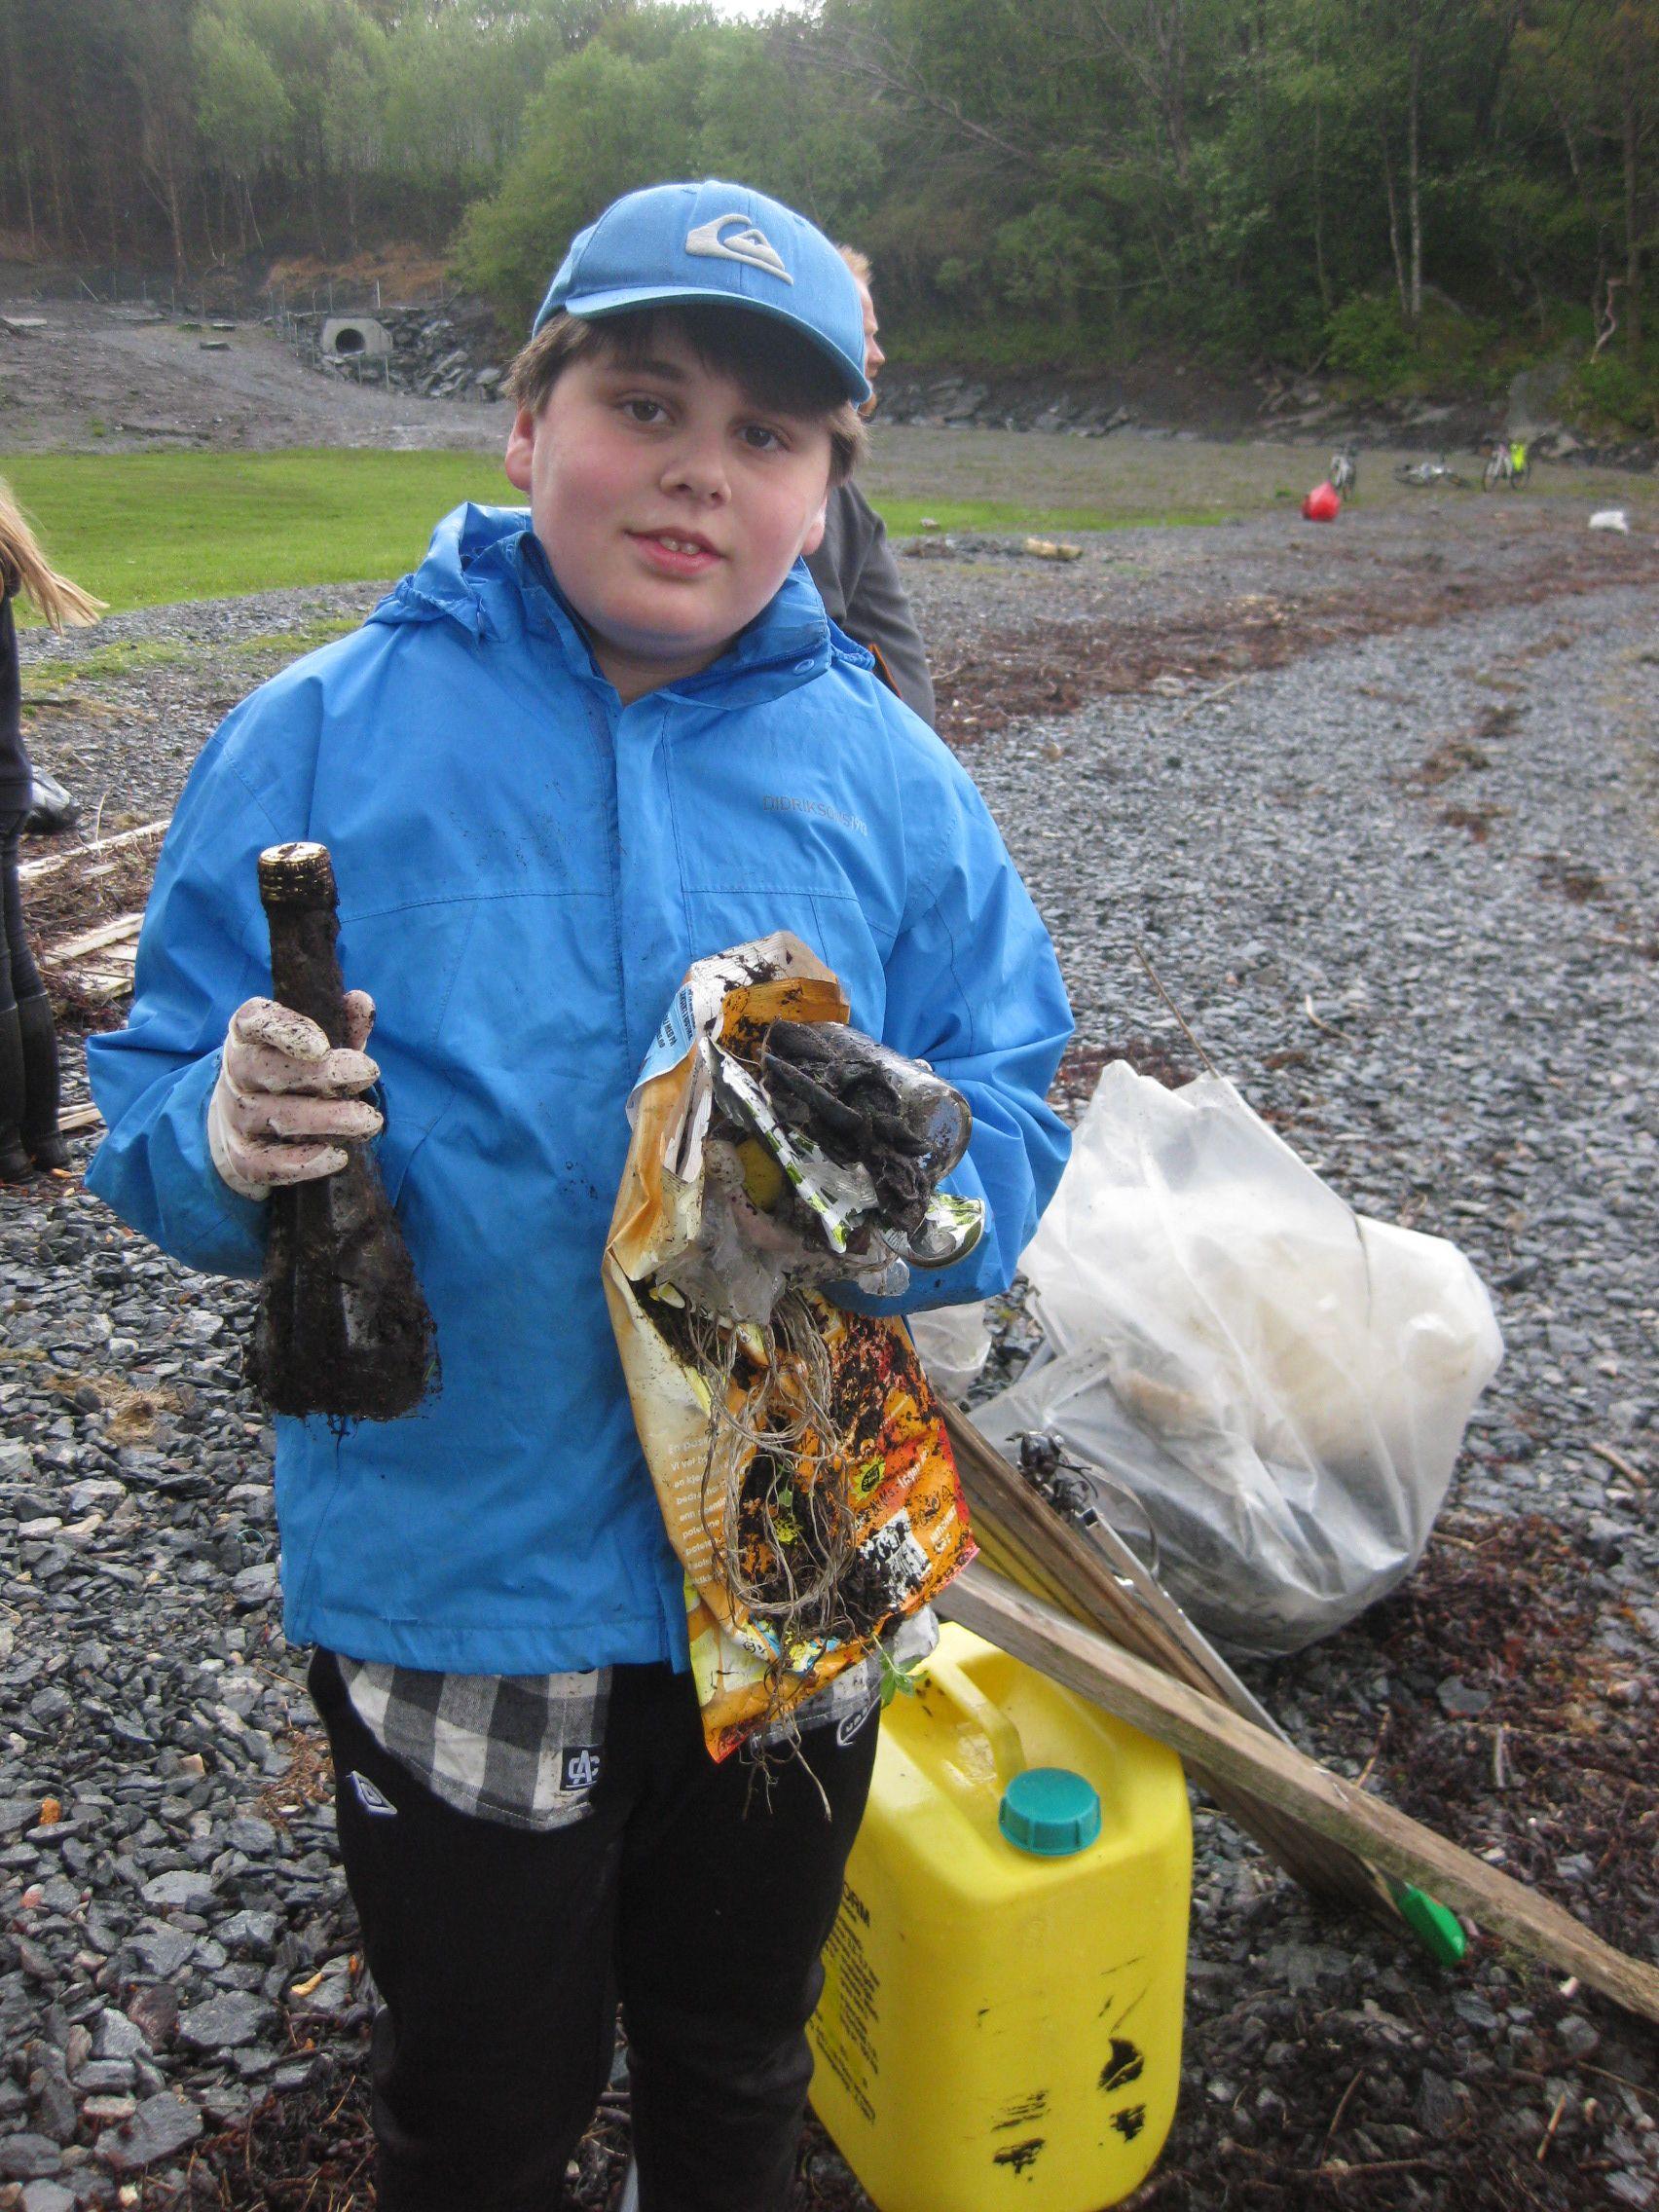 ORDNET OPP: Miljøagenten Matheo var blant barna som ryddet opp i helgen. Plastkanner og store mengder tau- og plastbiter var blant fangsten.